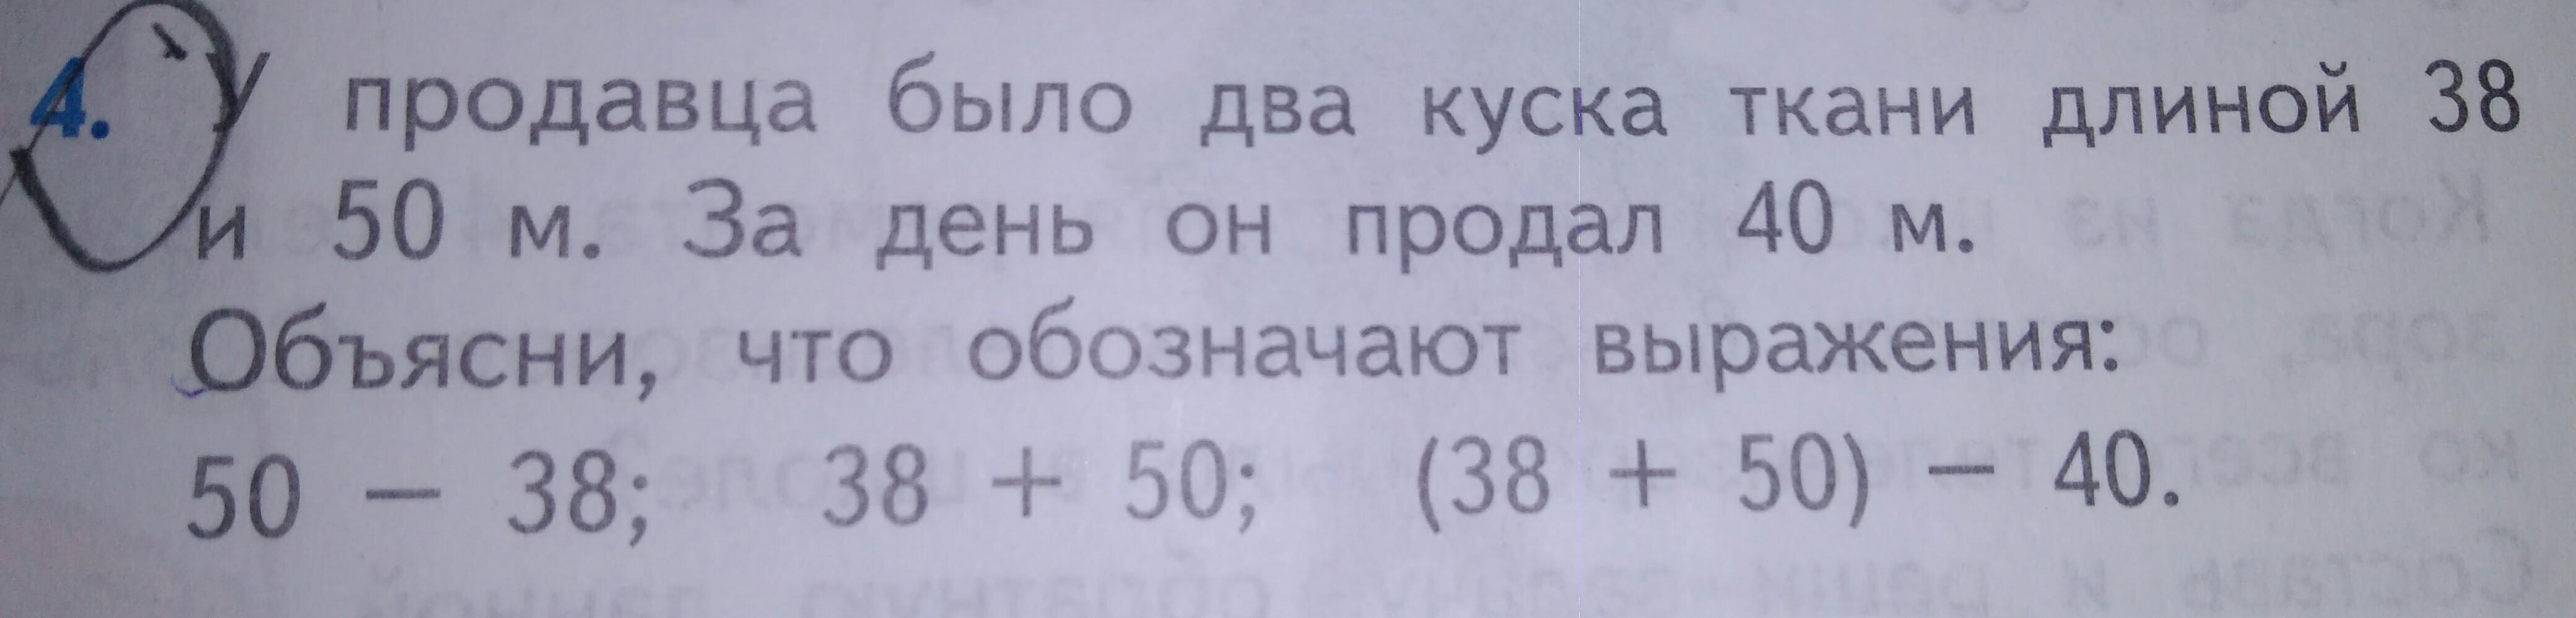 Изображение к вопросу Объясни что обозначают выражения: 50-38; 38+50 (38+50)-40.